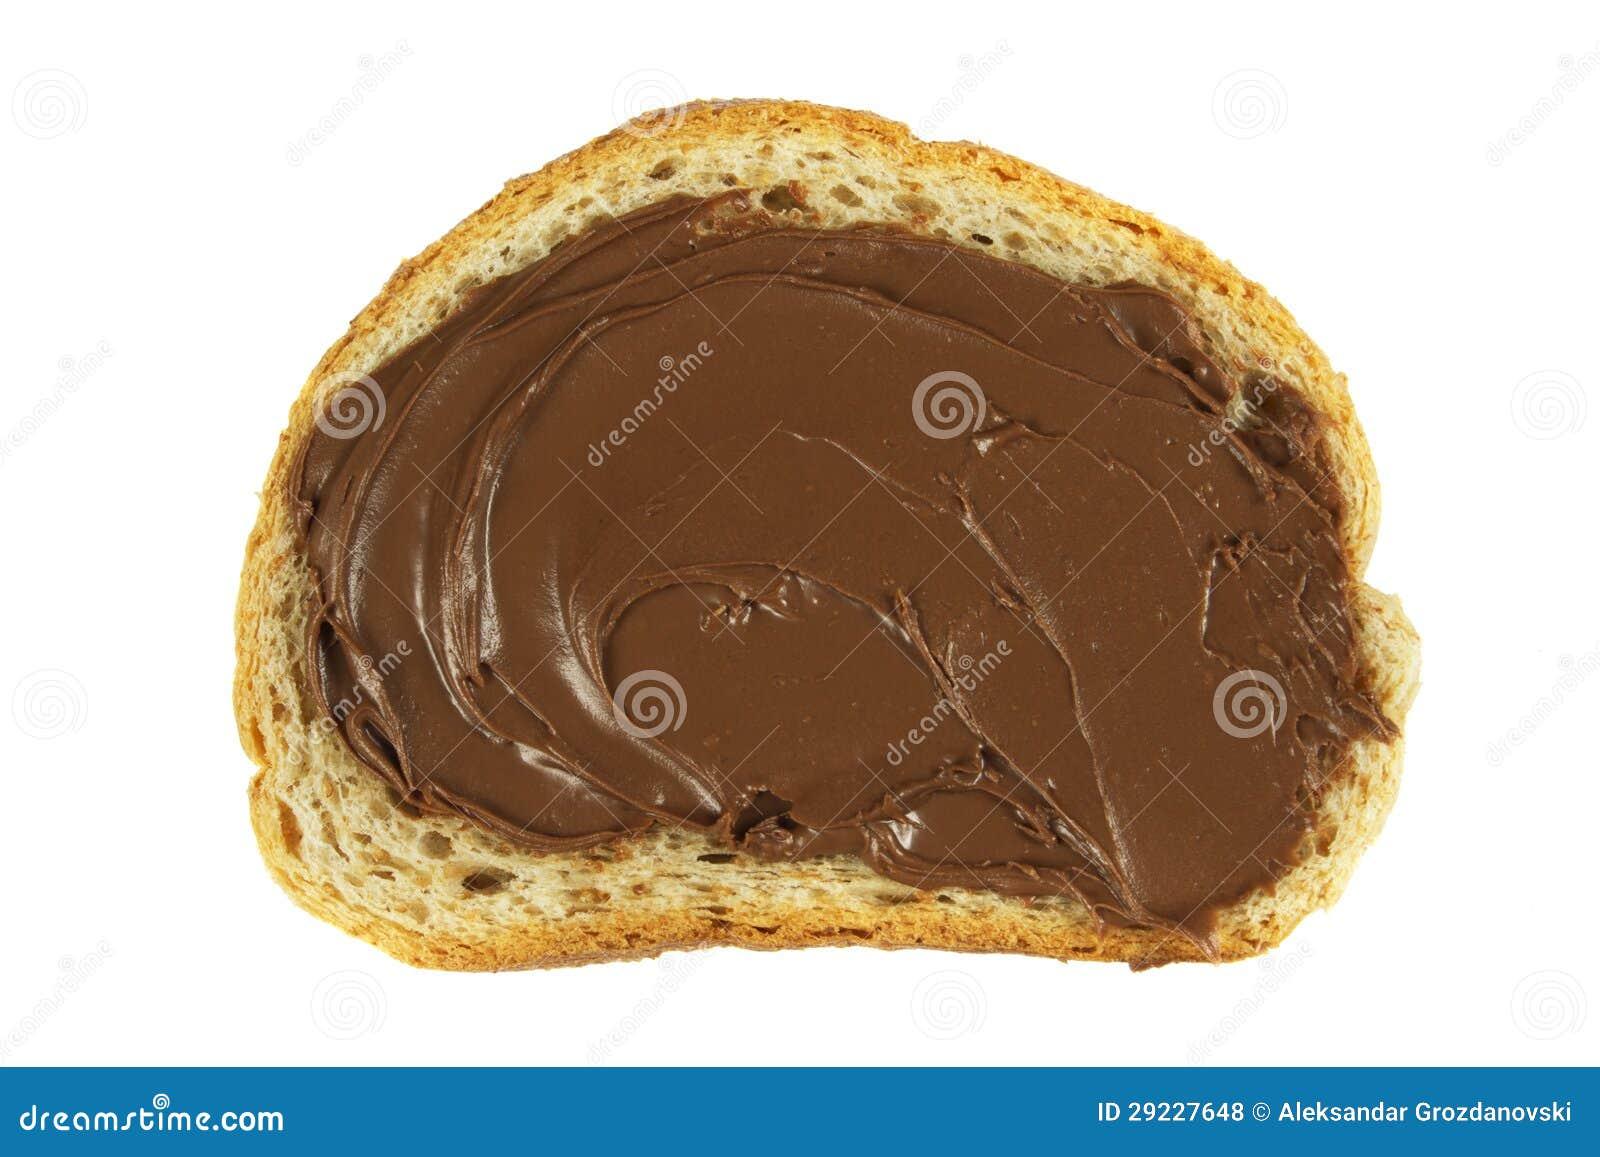 Download Chocolate Espalhado Em Uma Fatia De Pão Foto de Stock - Imagem de estúdio, chocolate: 29227648